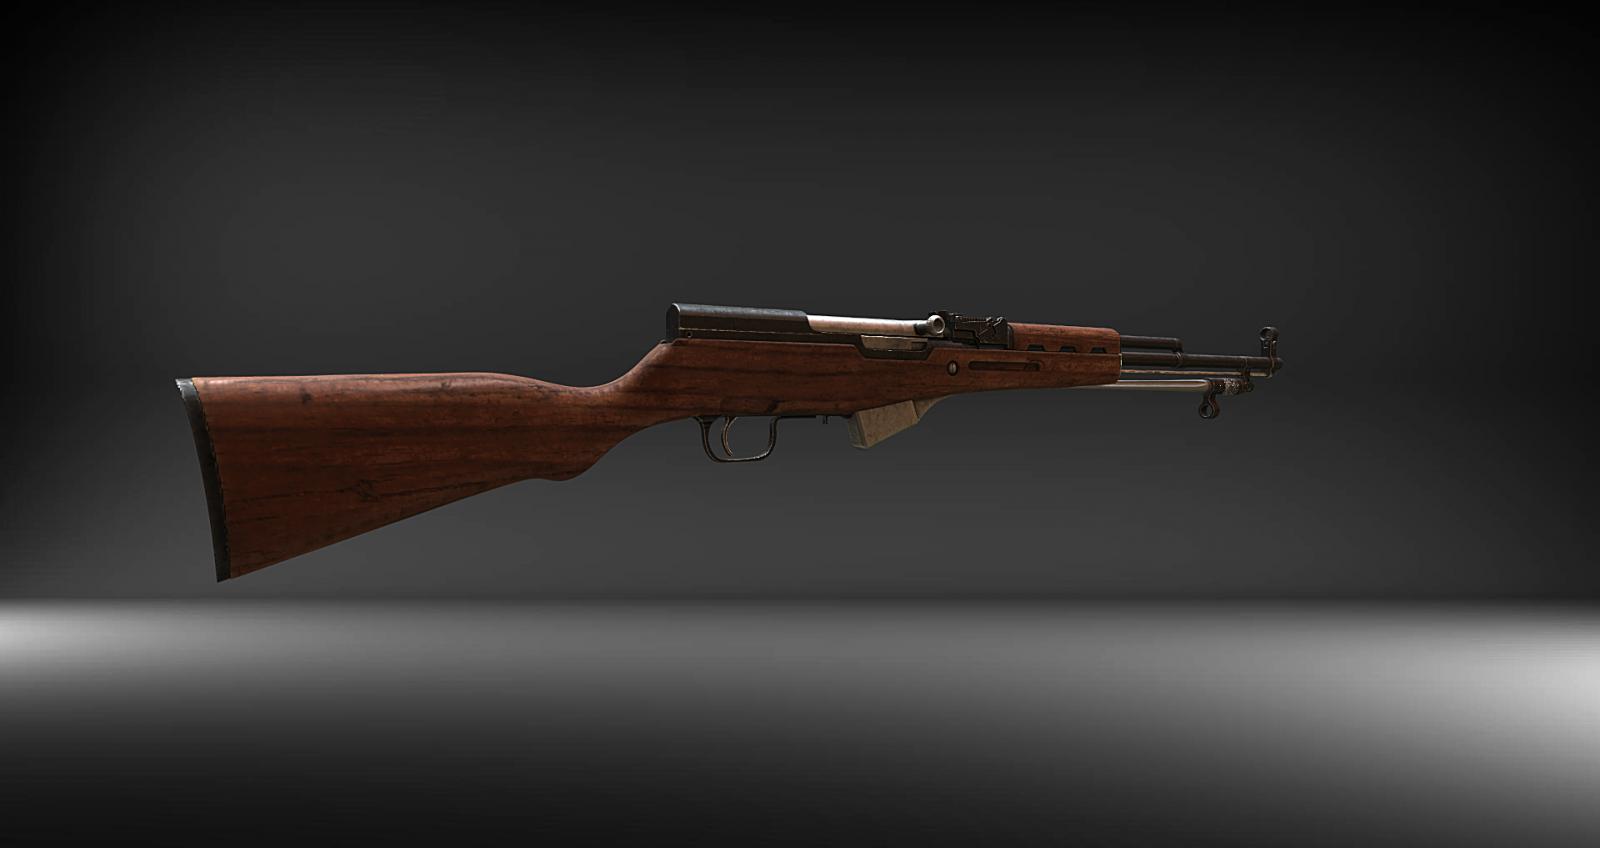 gun2.png.e150fe07d019dfc020ebe182f949c917.png